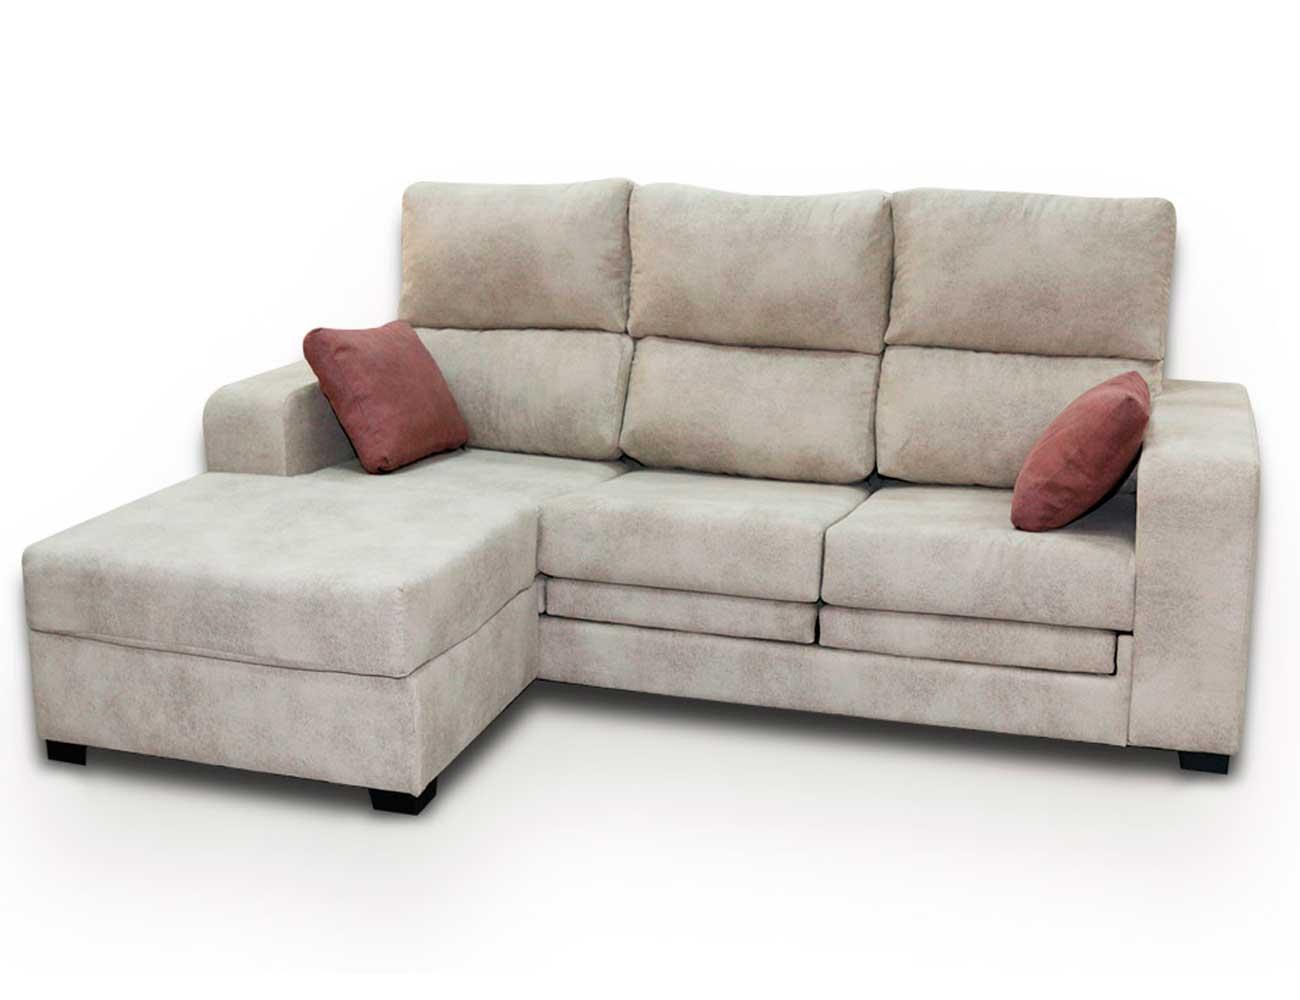 Sofa 3p puff reversible3